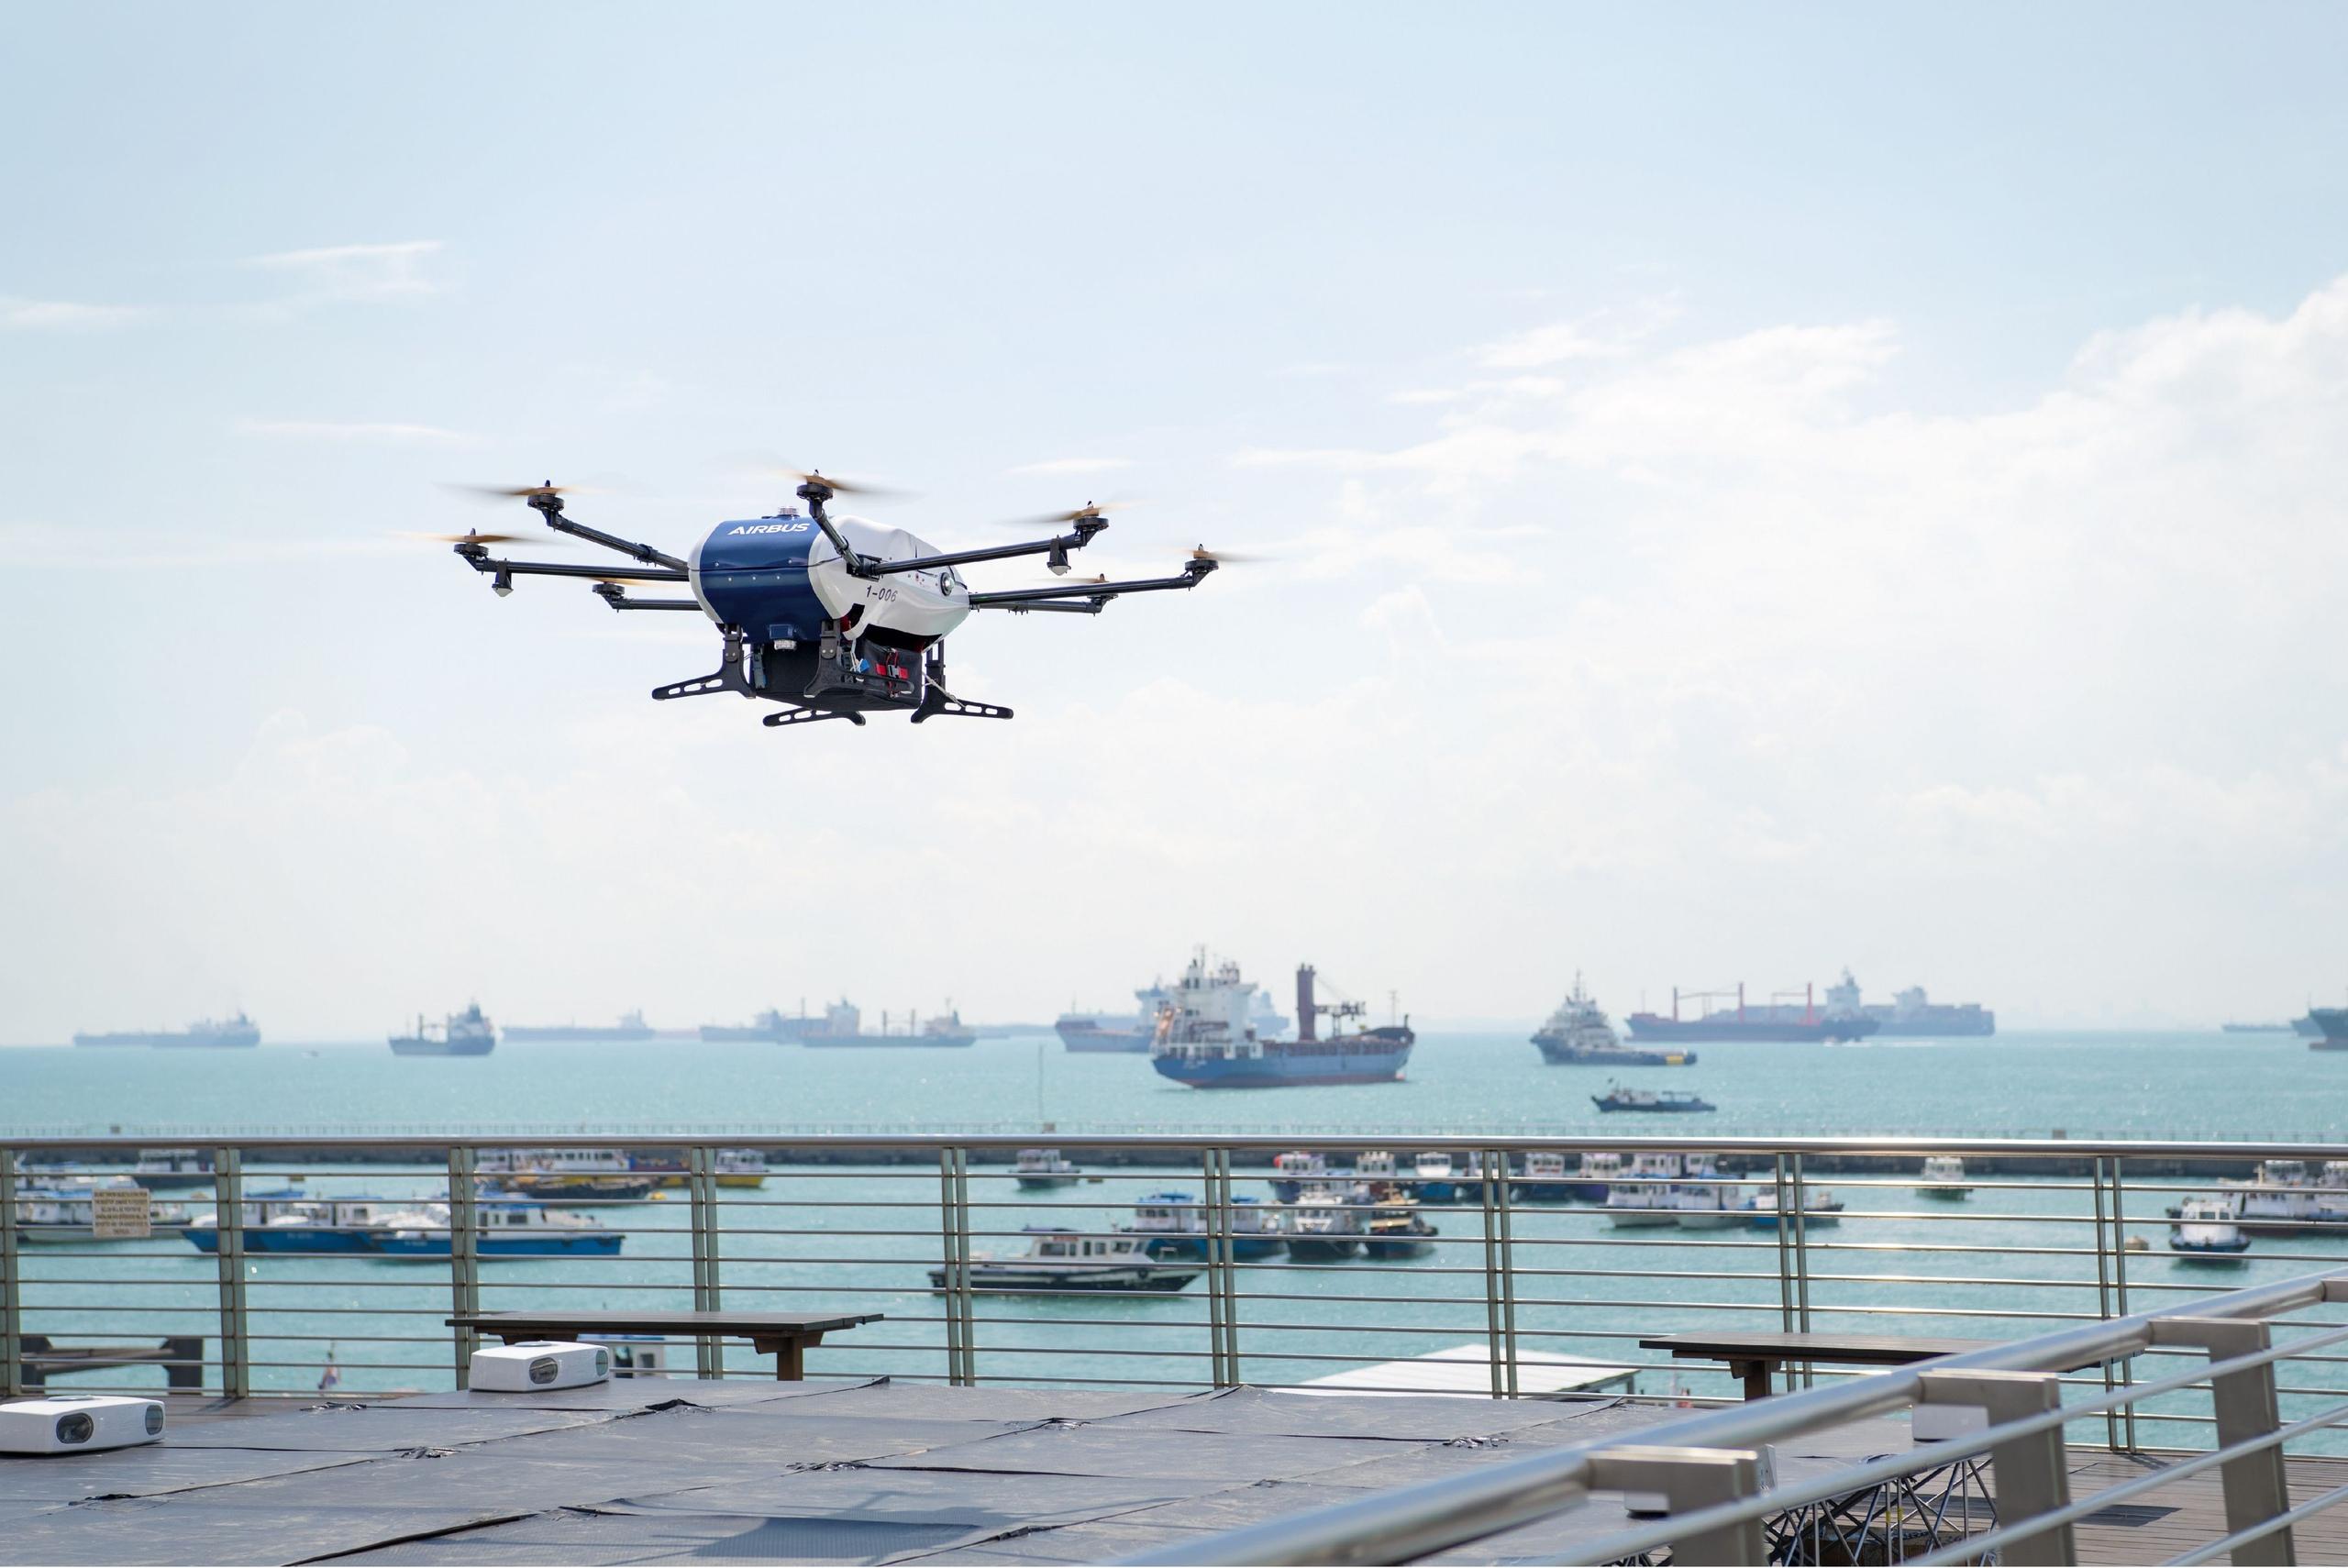 Компания #Airbus начала испытания дрона Skyways для доставки малогабаритных грузов в порту Сингапура.